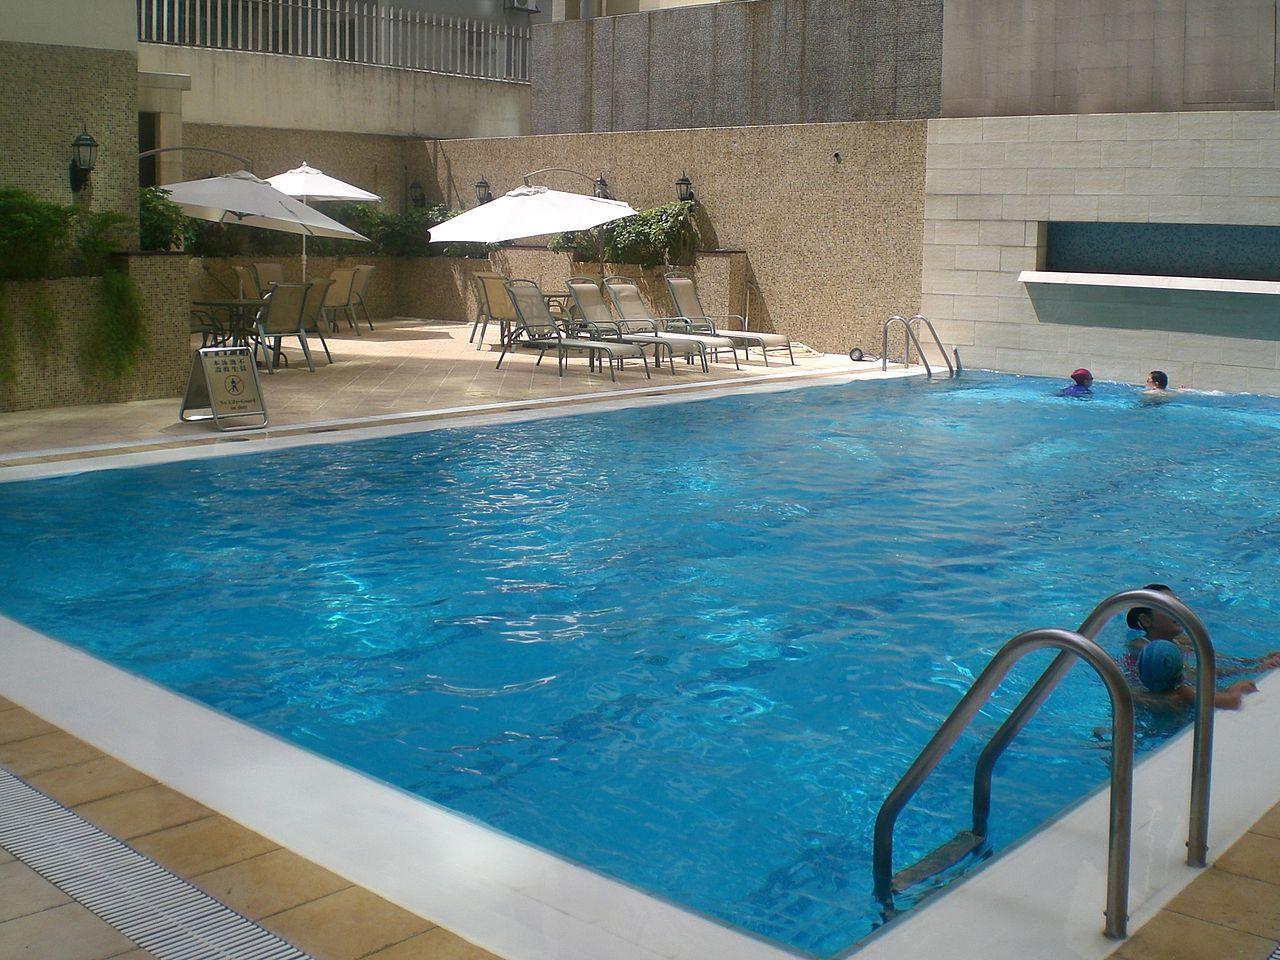 File Macau Grandview Hotel Swimming Pool Mo707 Jpg